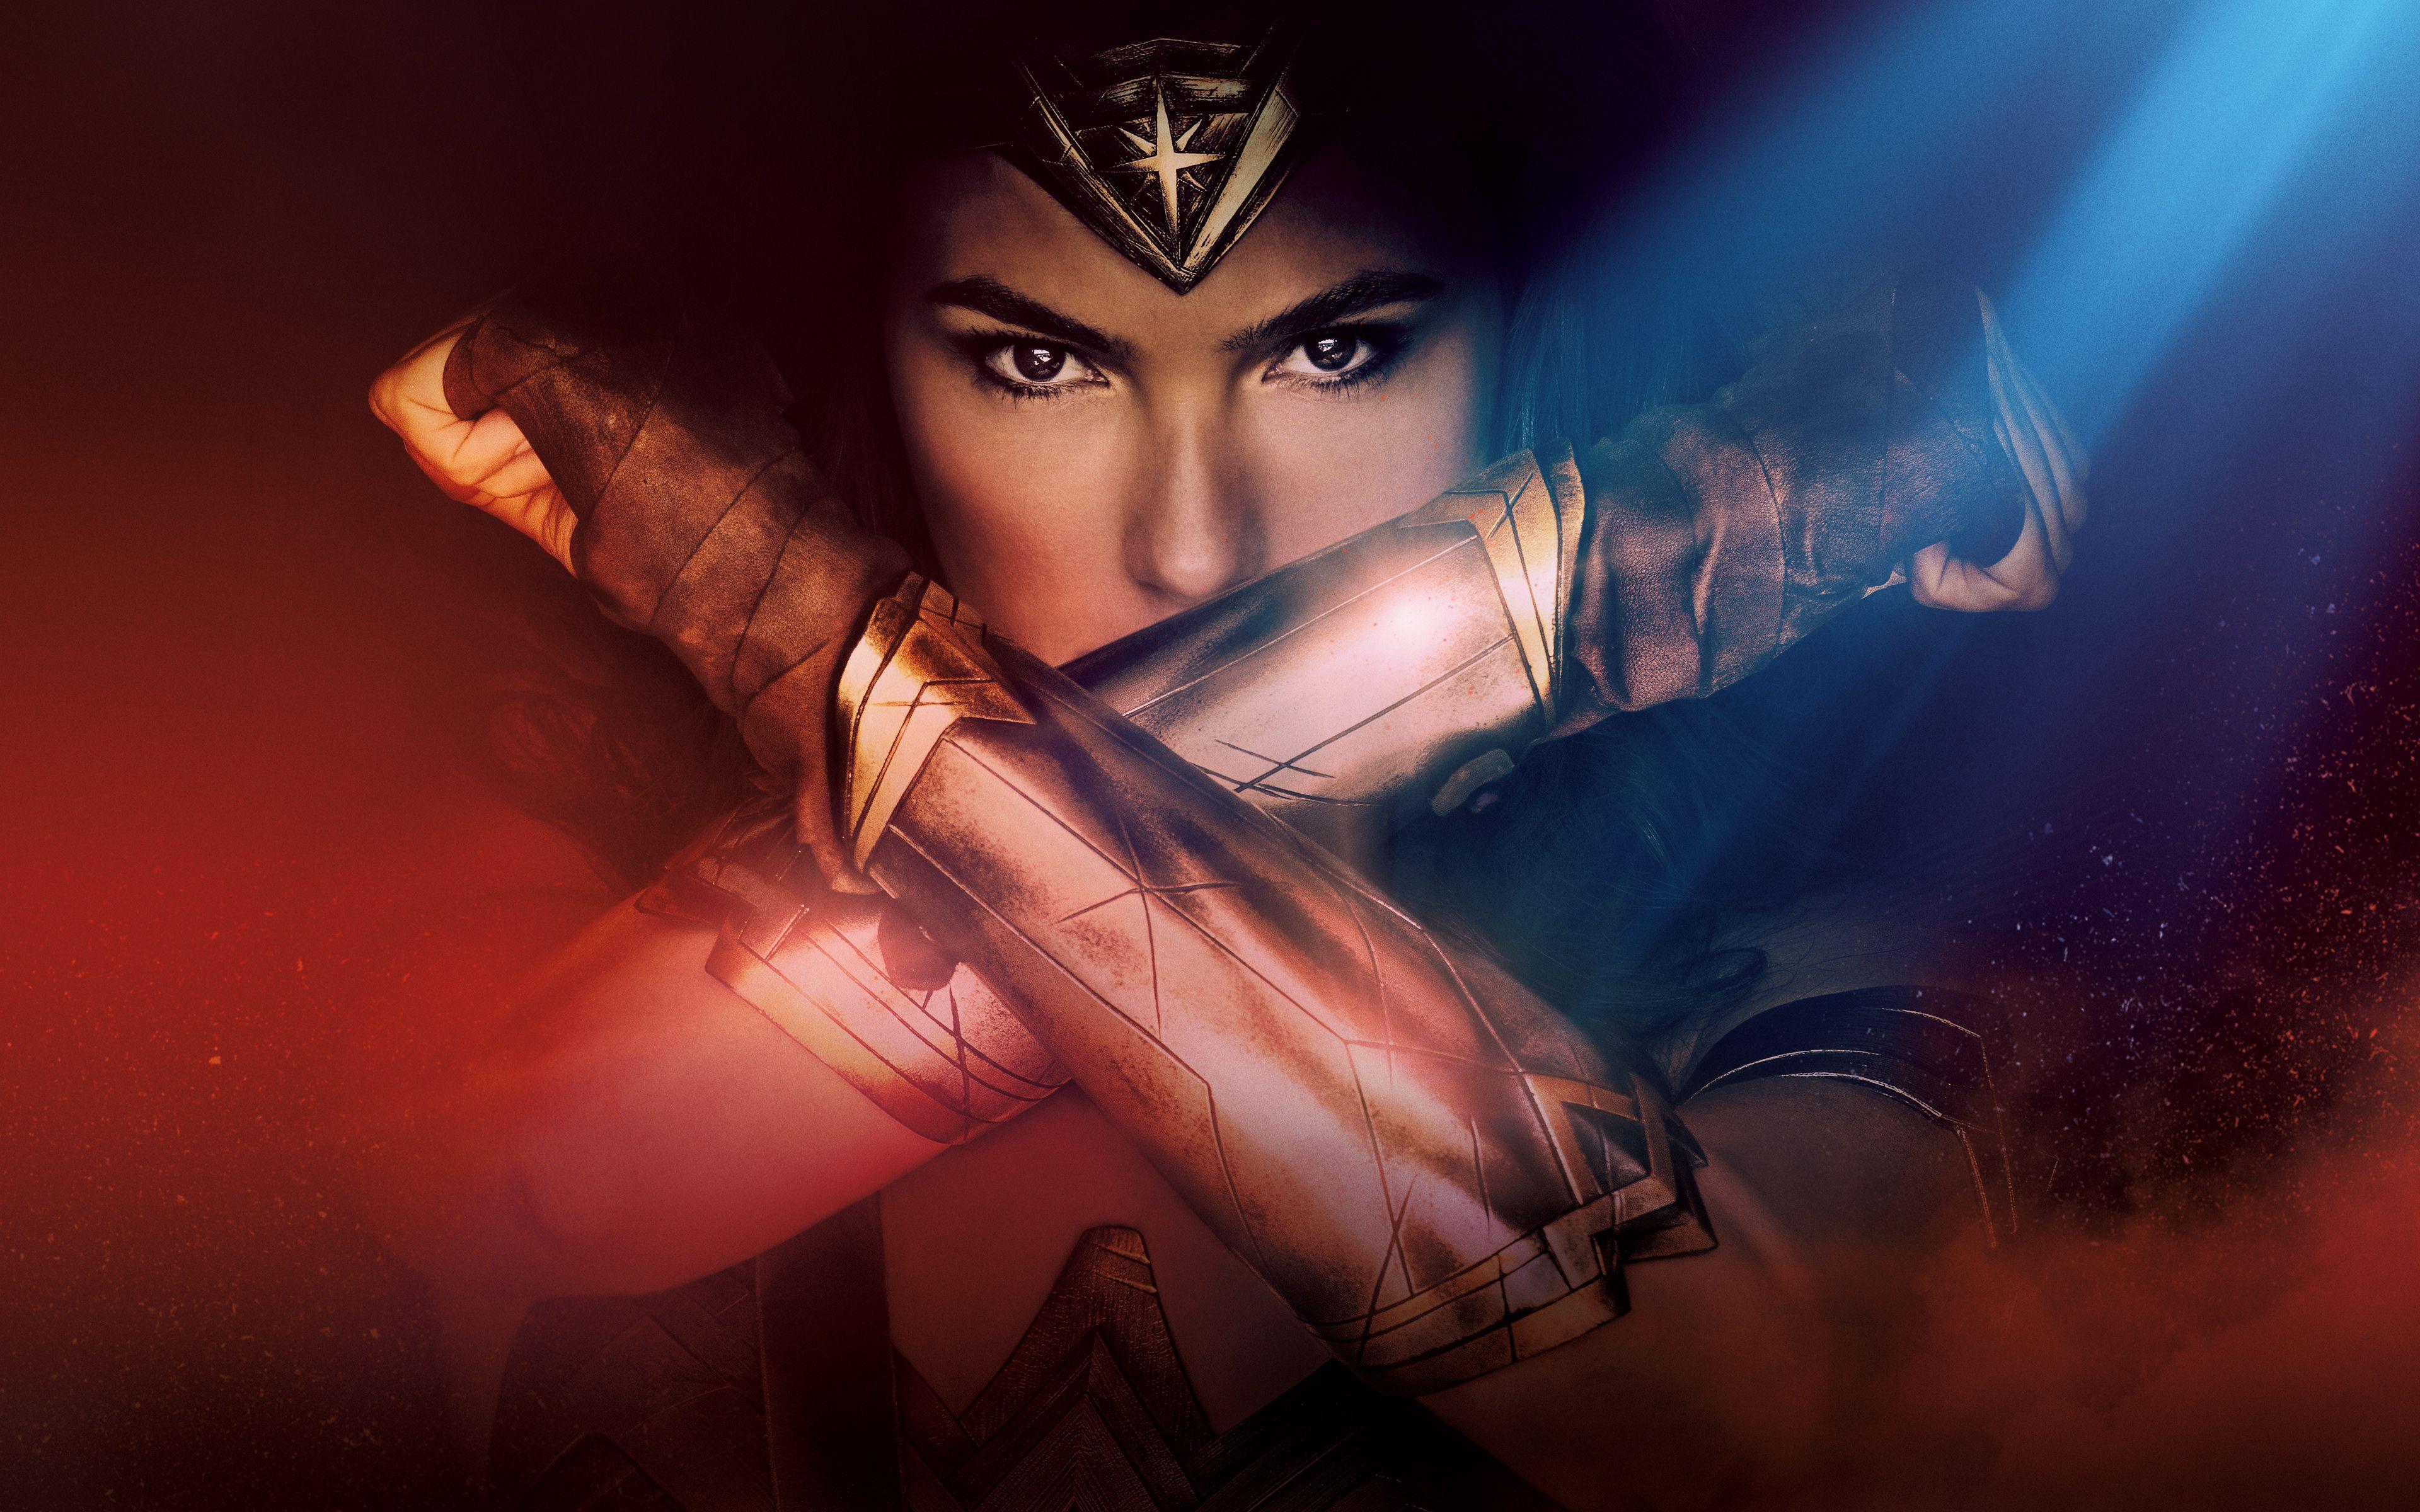 Wonder Woman Phone Wallpapers Top Free Wonder Woman Phone